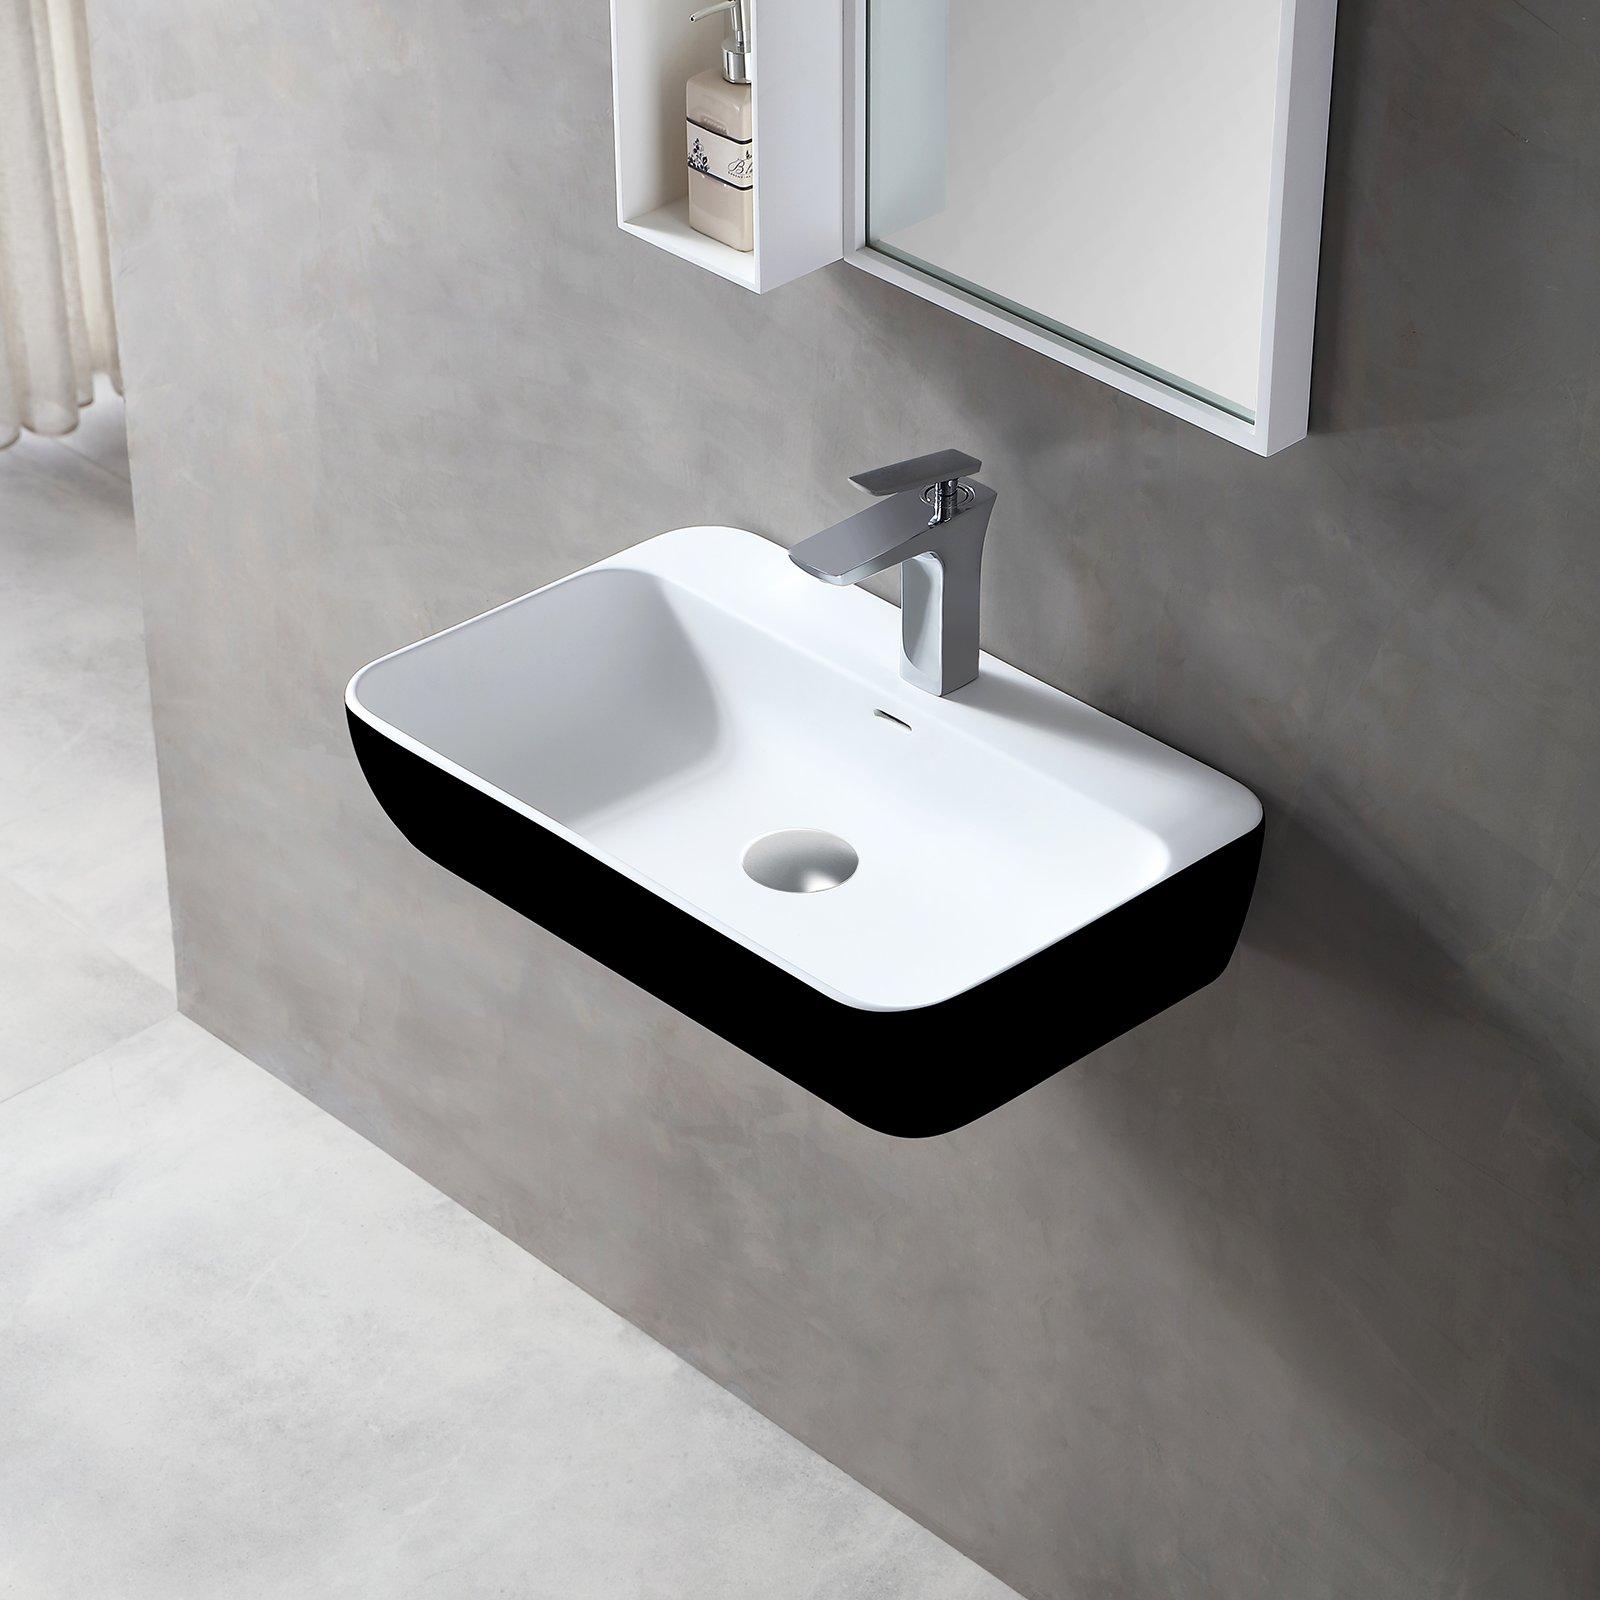 Wandwaschbecken Aufsatzwaschbecken TWG201 aus Mineralguss – Schwarz /Weiß matt – 60x40x14cm